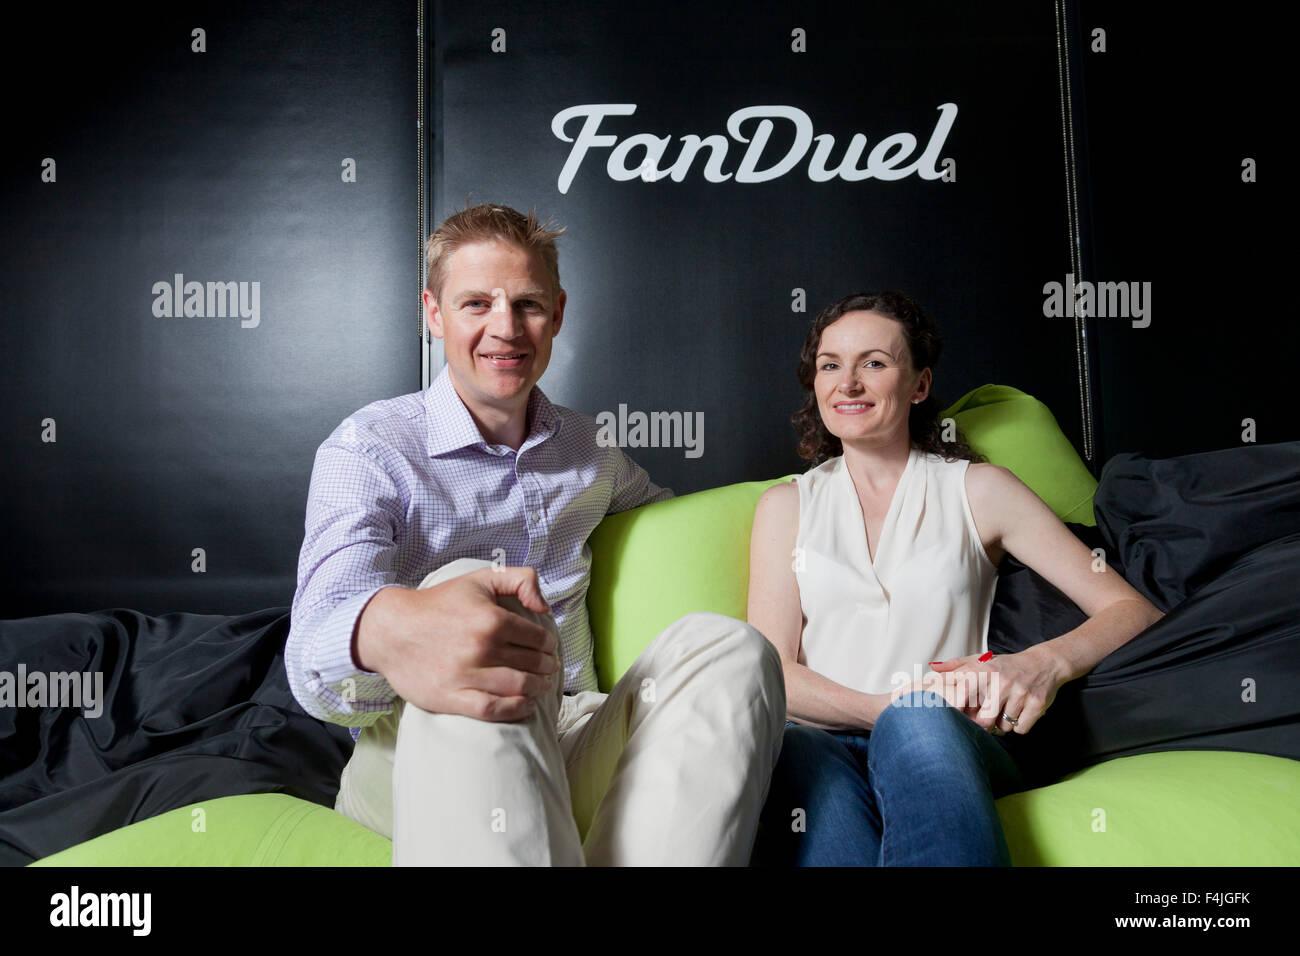 Nigel (sinistra) e Lesley Eccles. Co-fondatori di online fantasy piattaforma sportiva, FanDuel. Edimburgo, Scozia. Immagini Stock